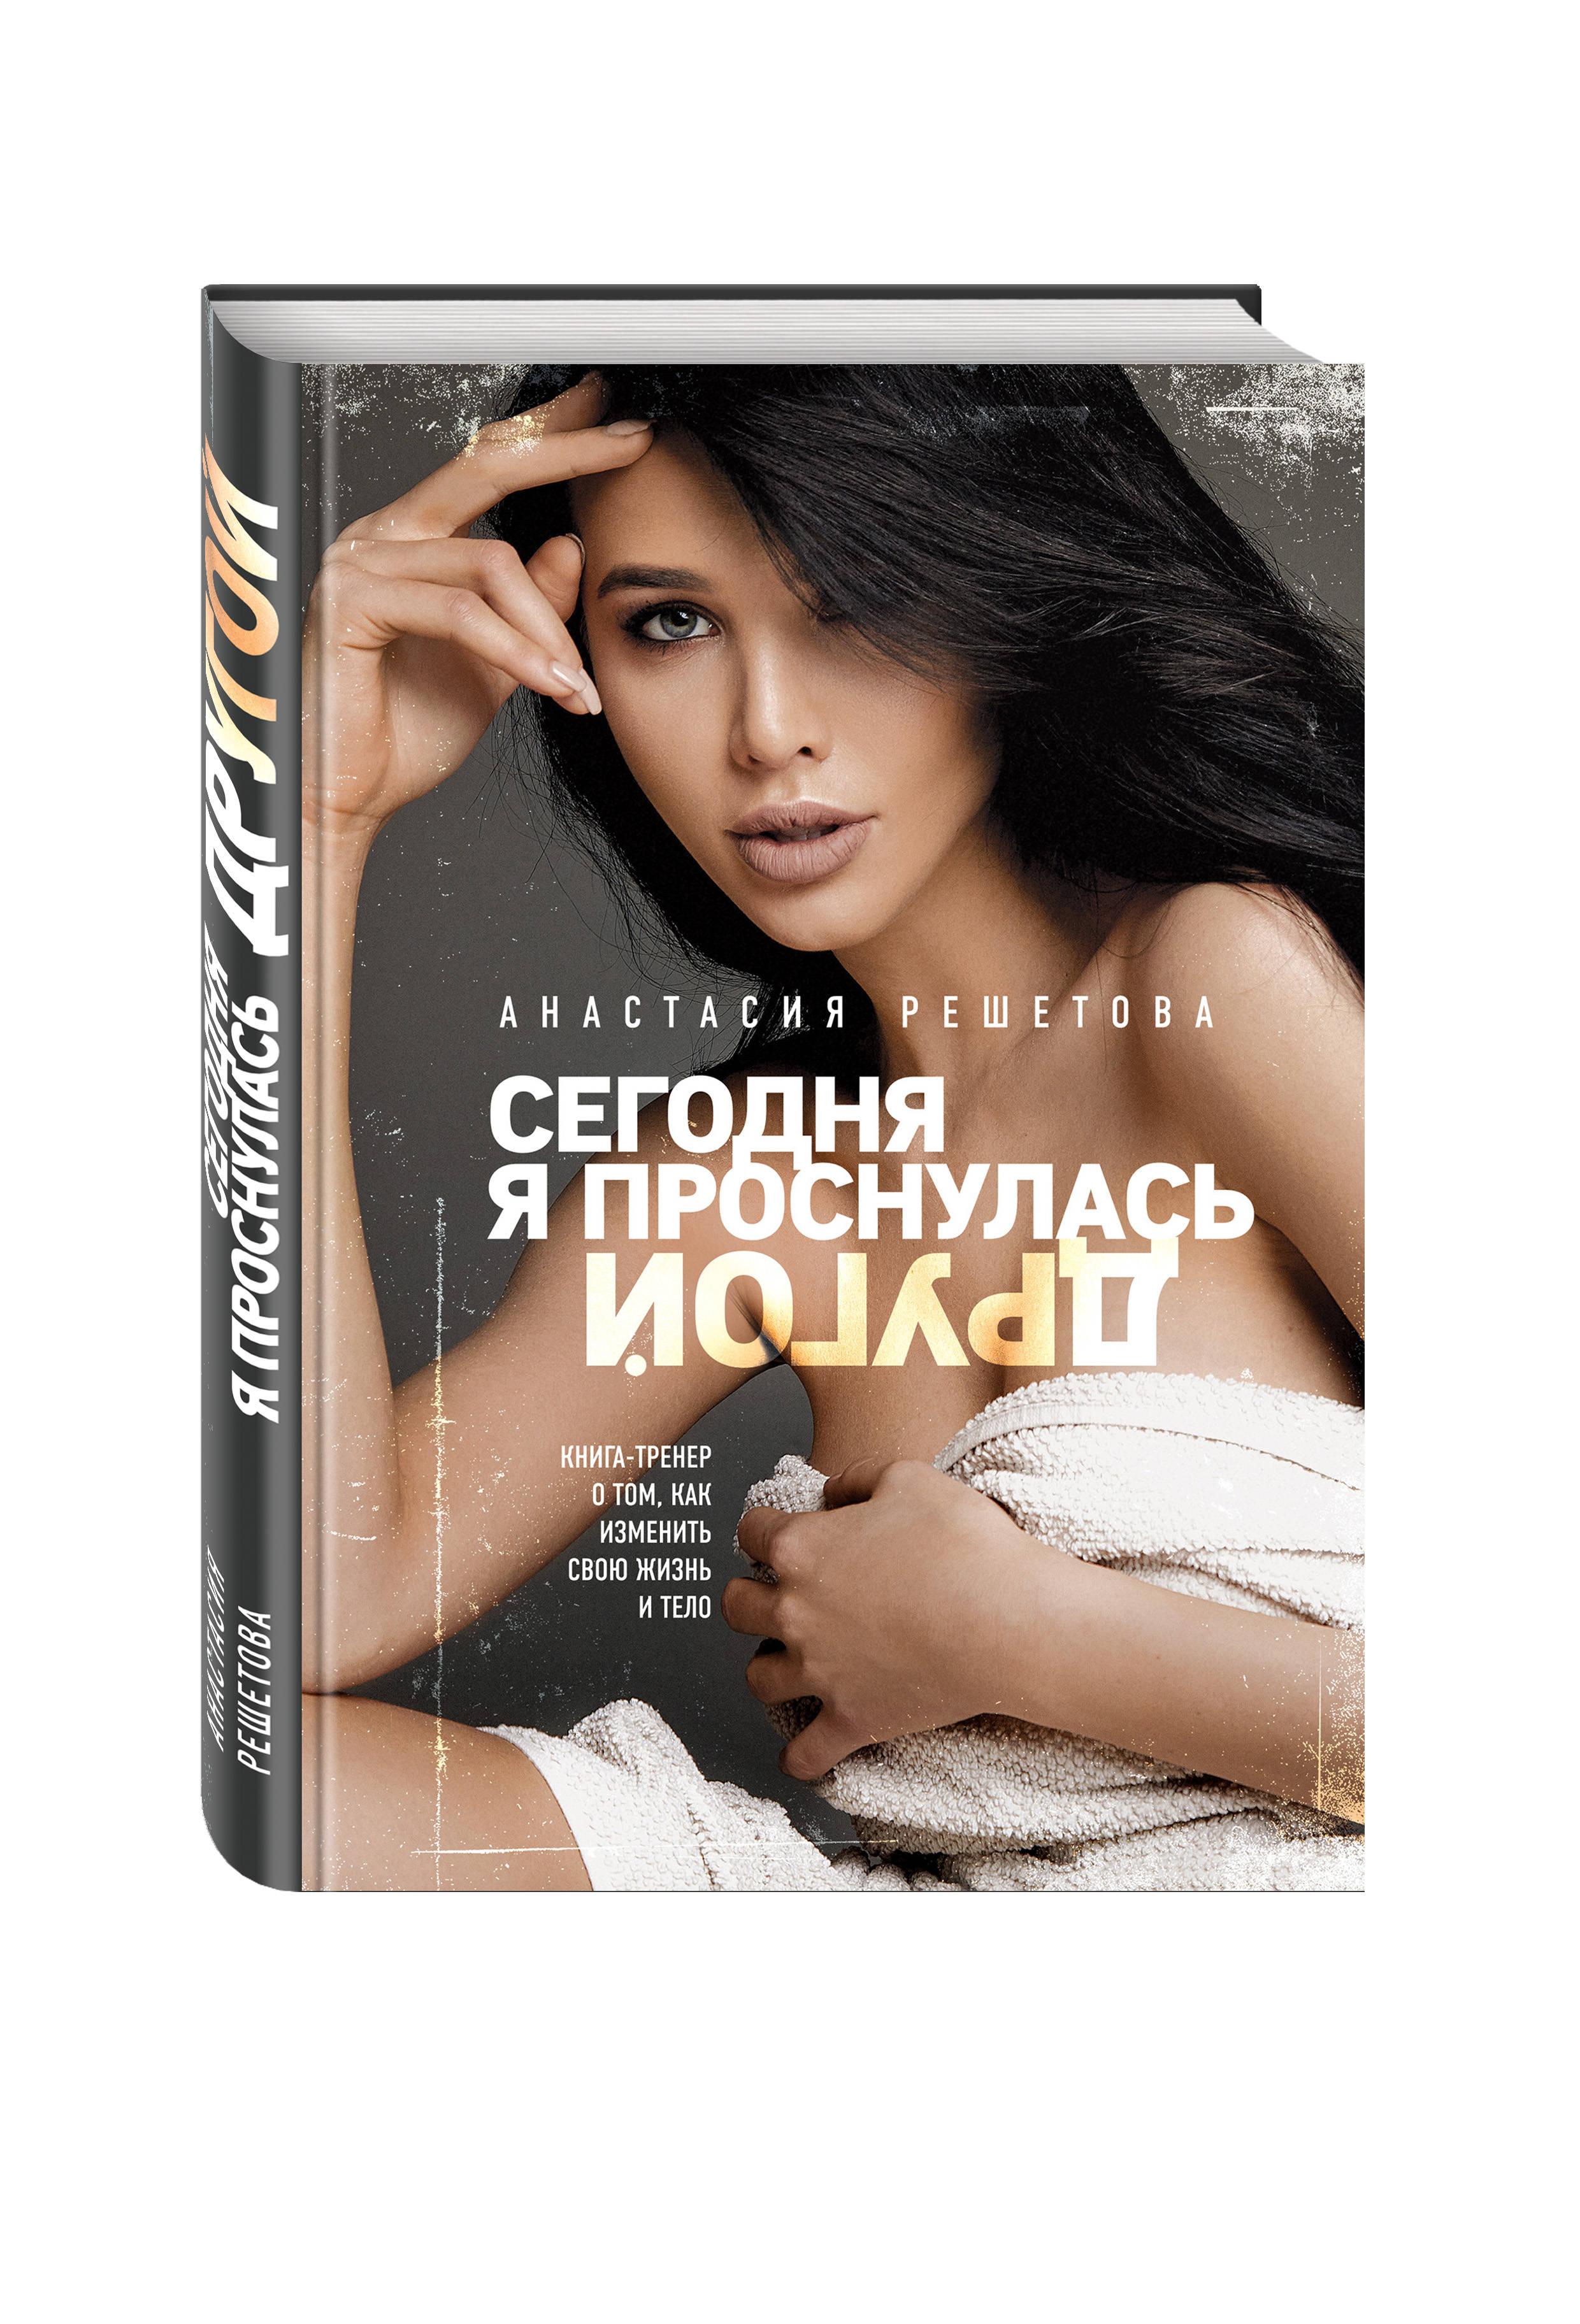 Анастасия Решетова Сегодня я проснулась другой. Книга-тренер о том, как изменить свою жизнь и тело